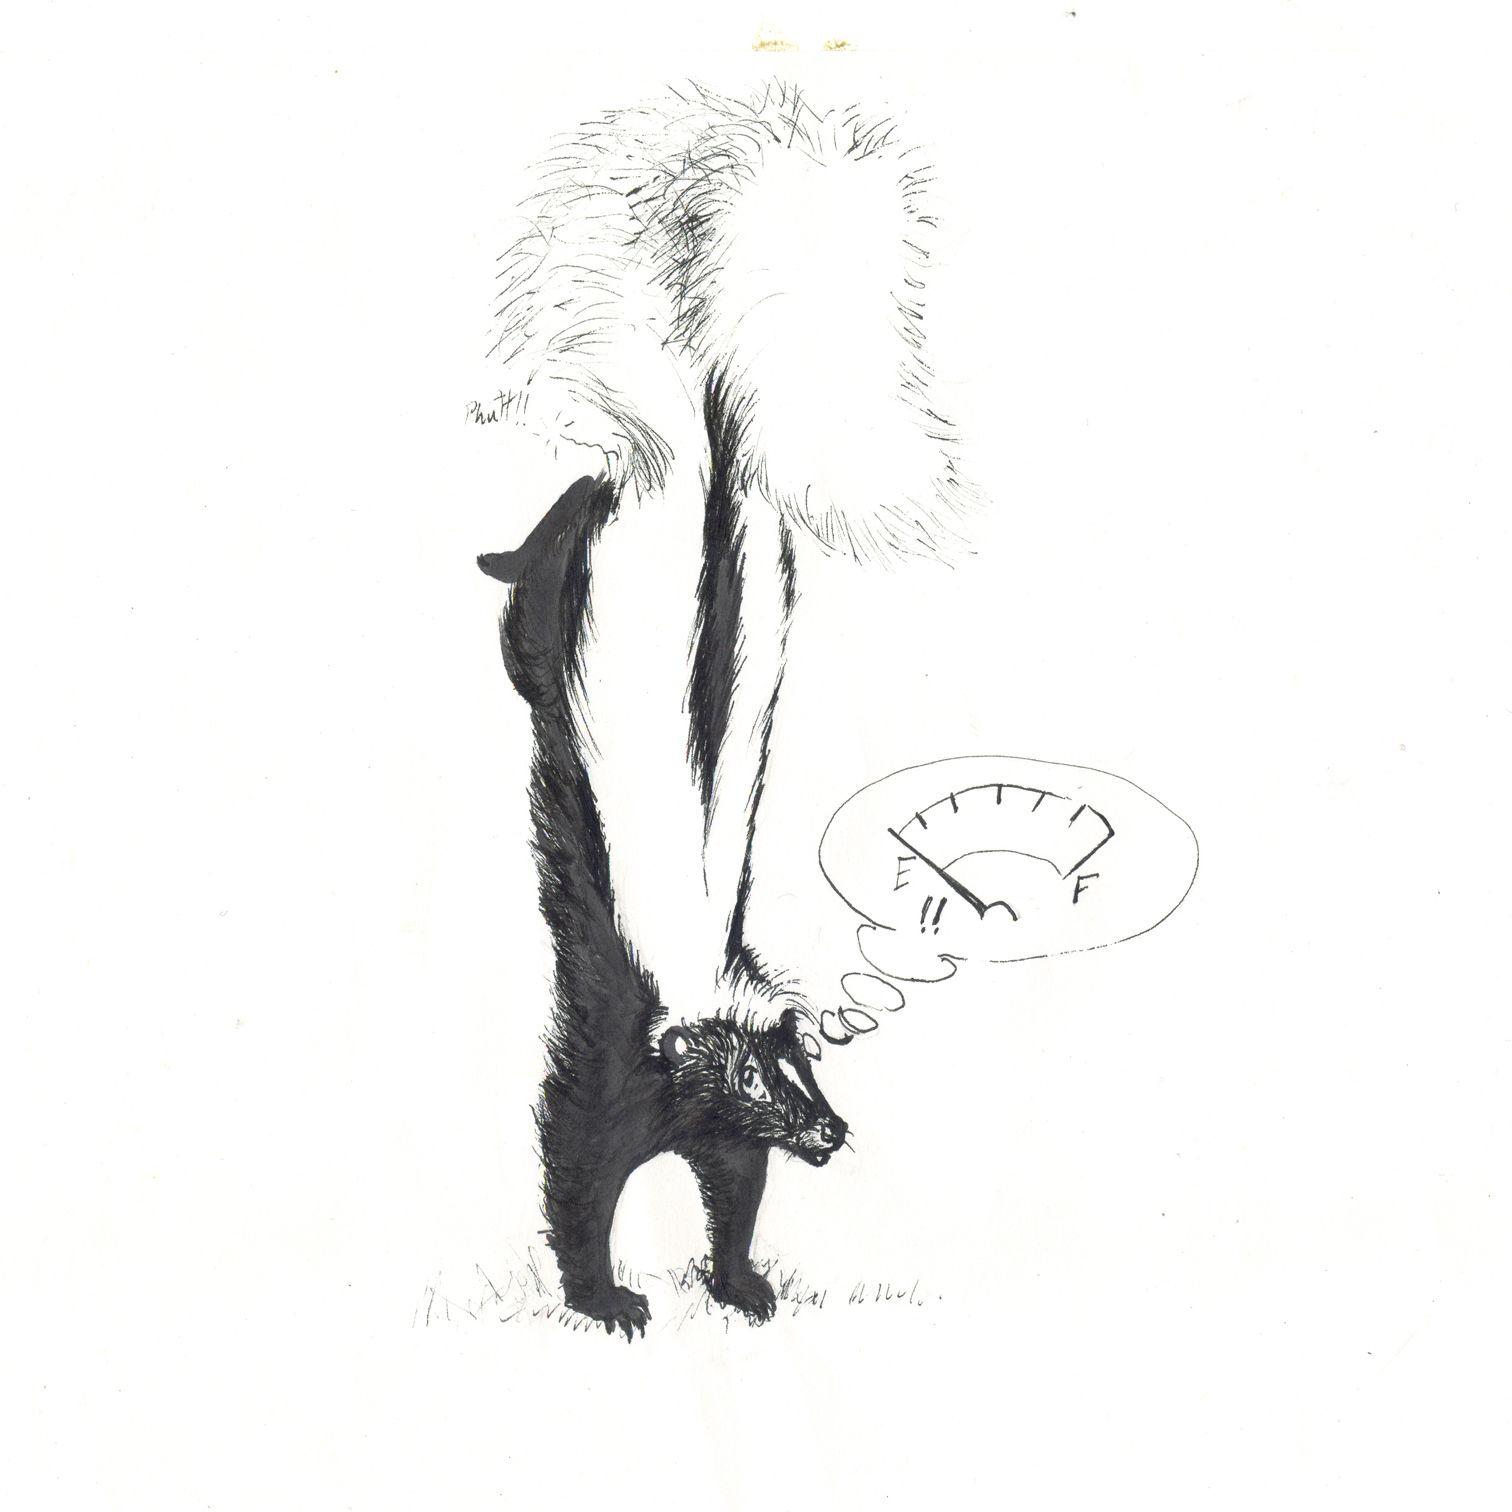 pin by ellen bounds on skunk drawings pinterest